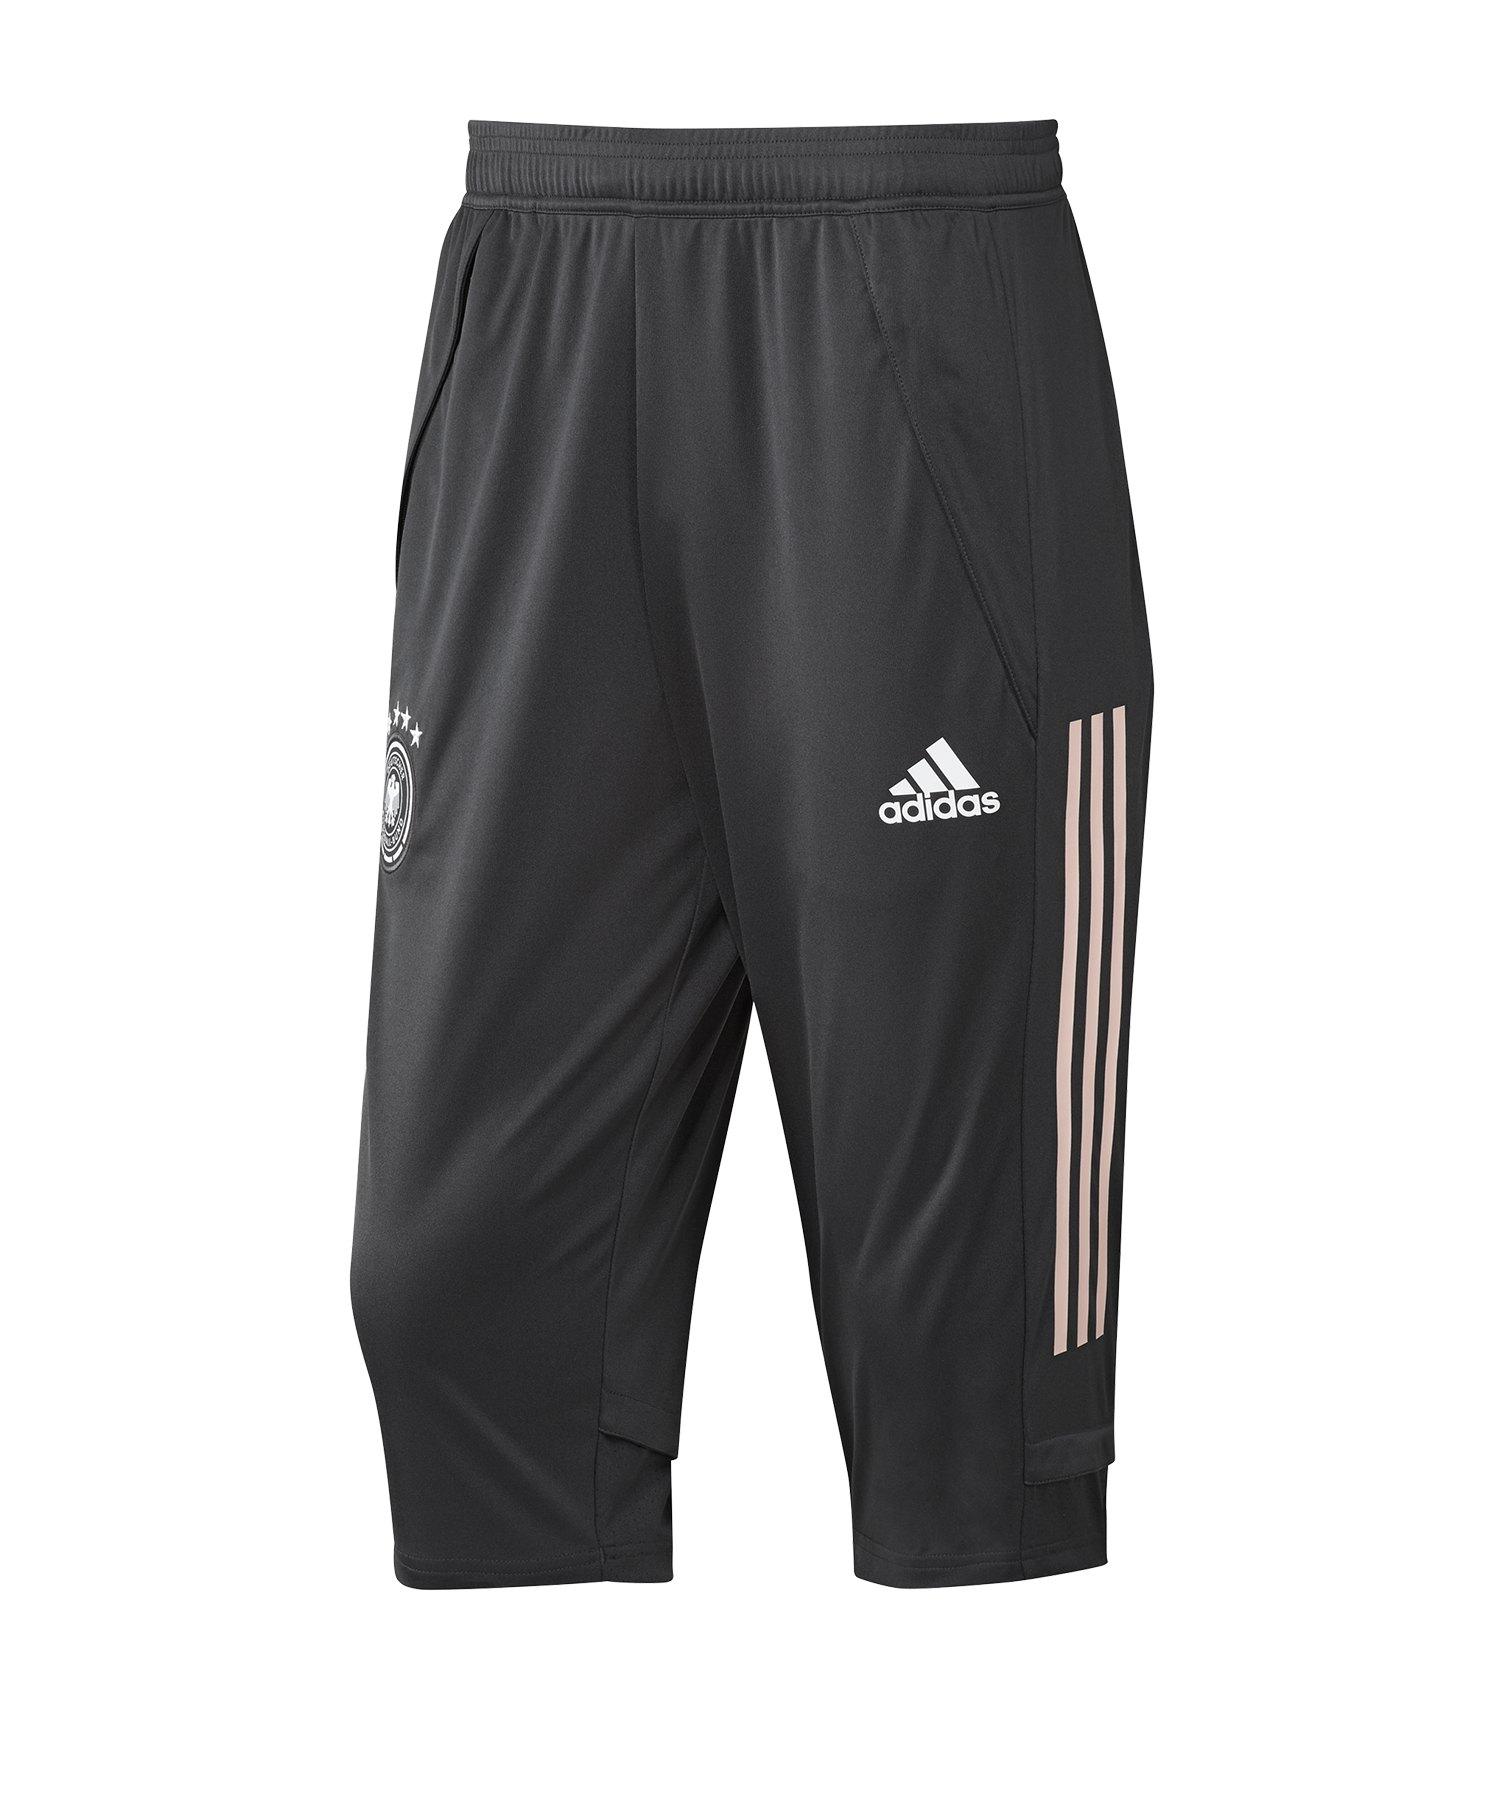 adidas DFB Deutschland 3/4 Pant Hose Schwarz - schwarz